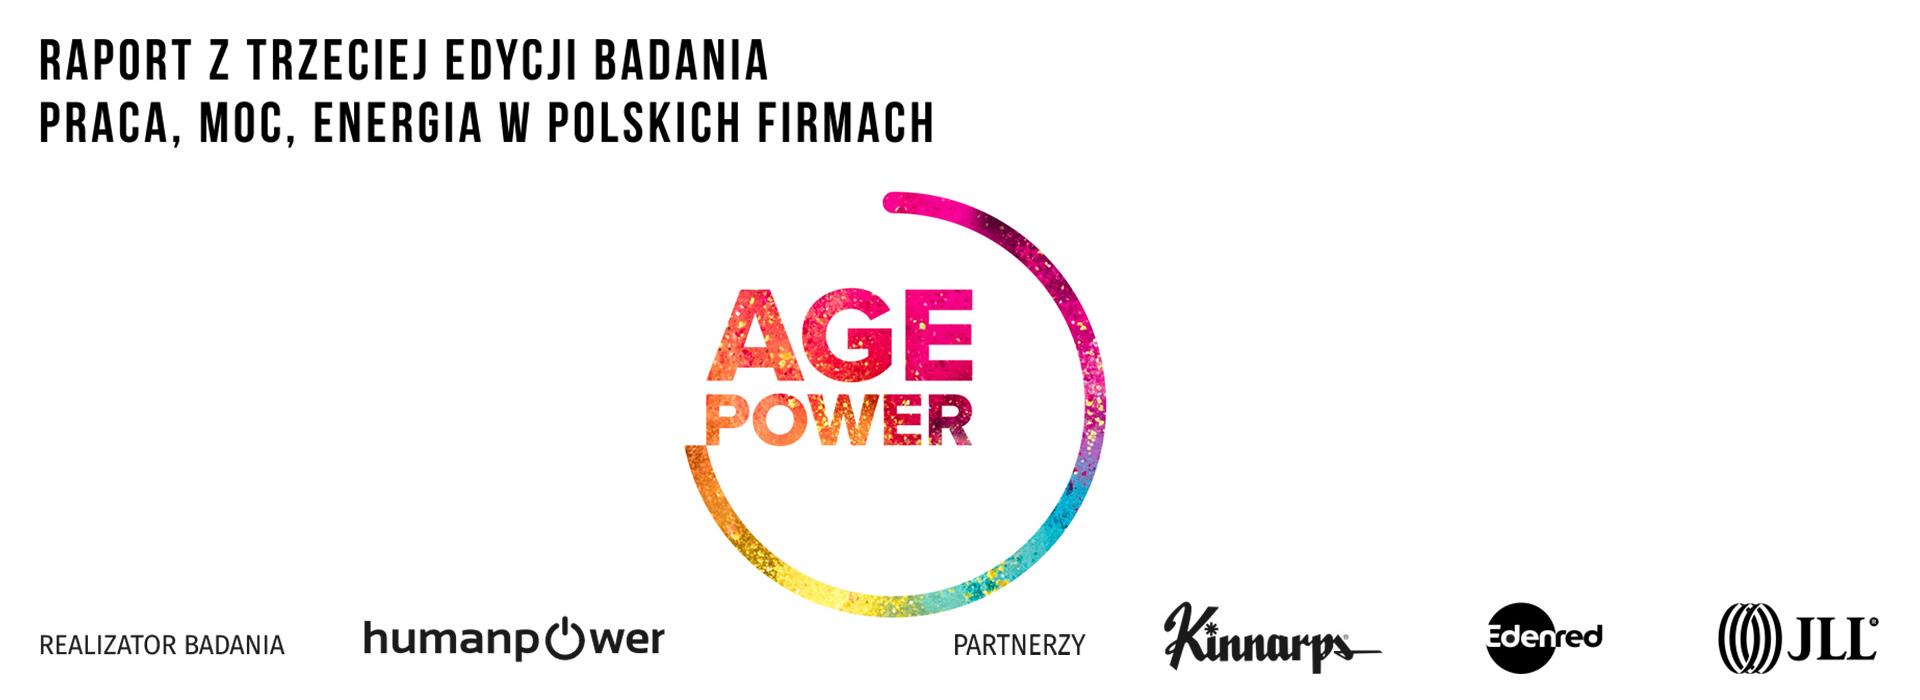 HumanPower-AgePower-v2